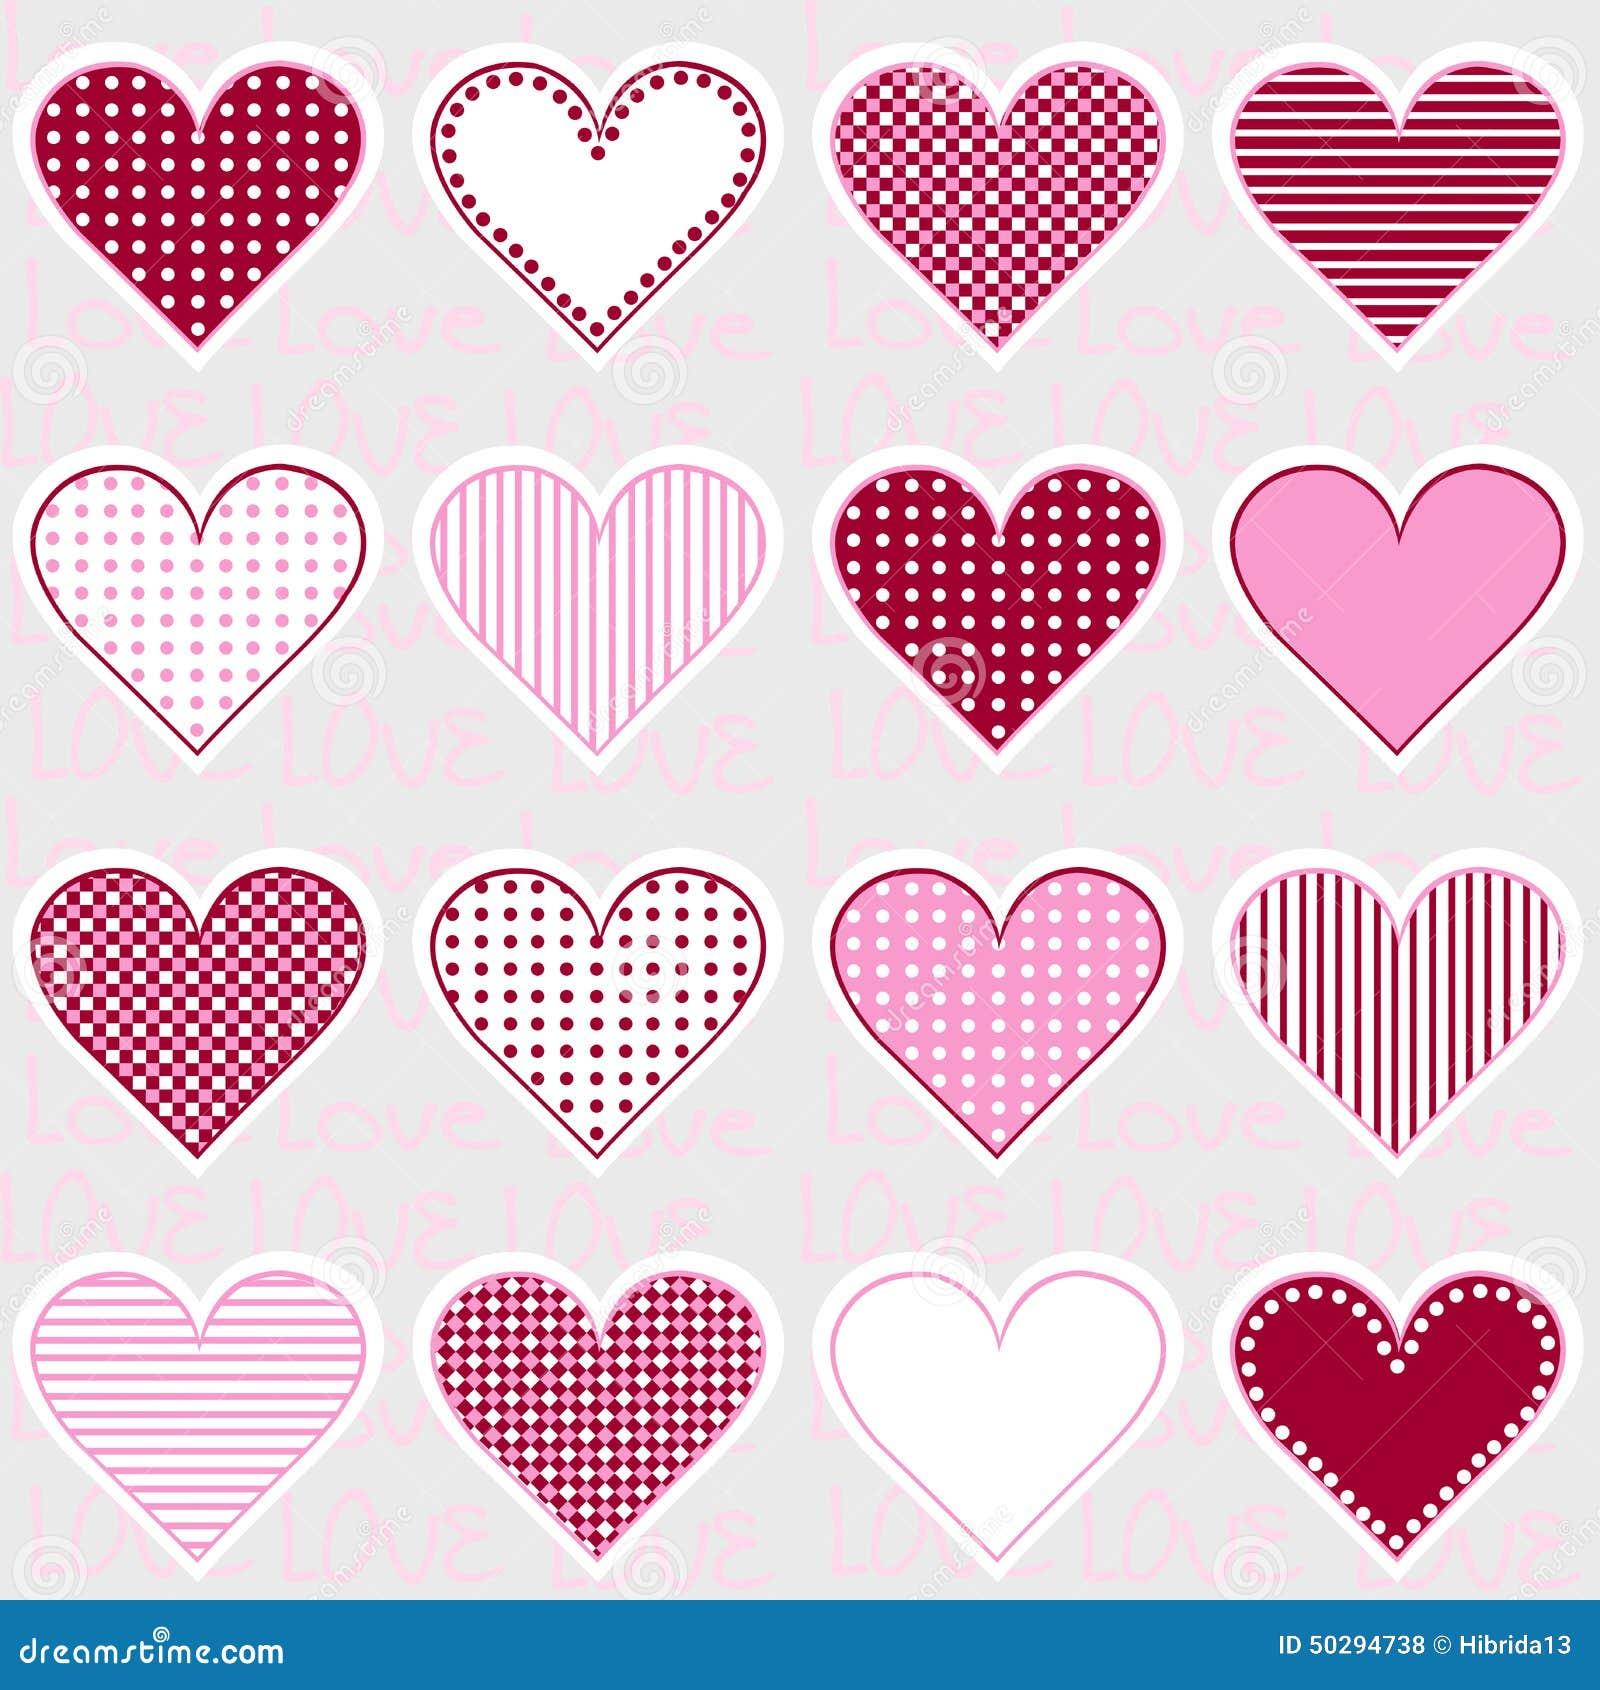 Lieben Sie Hintergrund Mit Herzrahmen Auf Rosa, Muster Für Baby ...